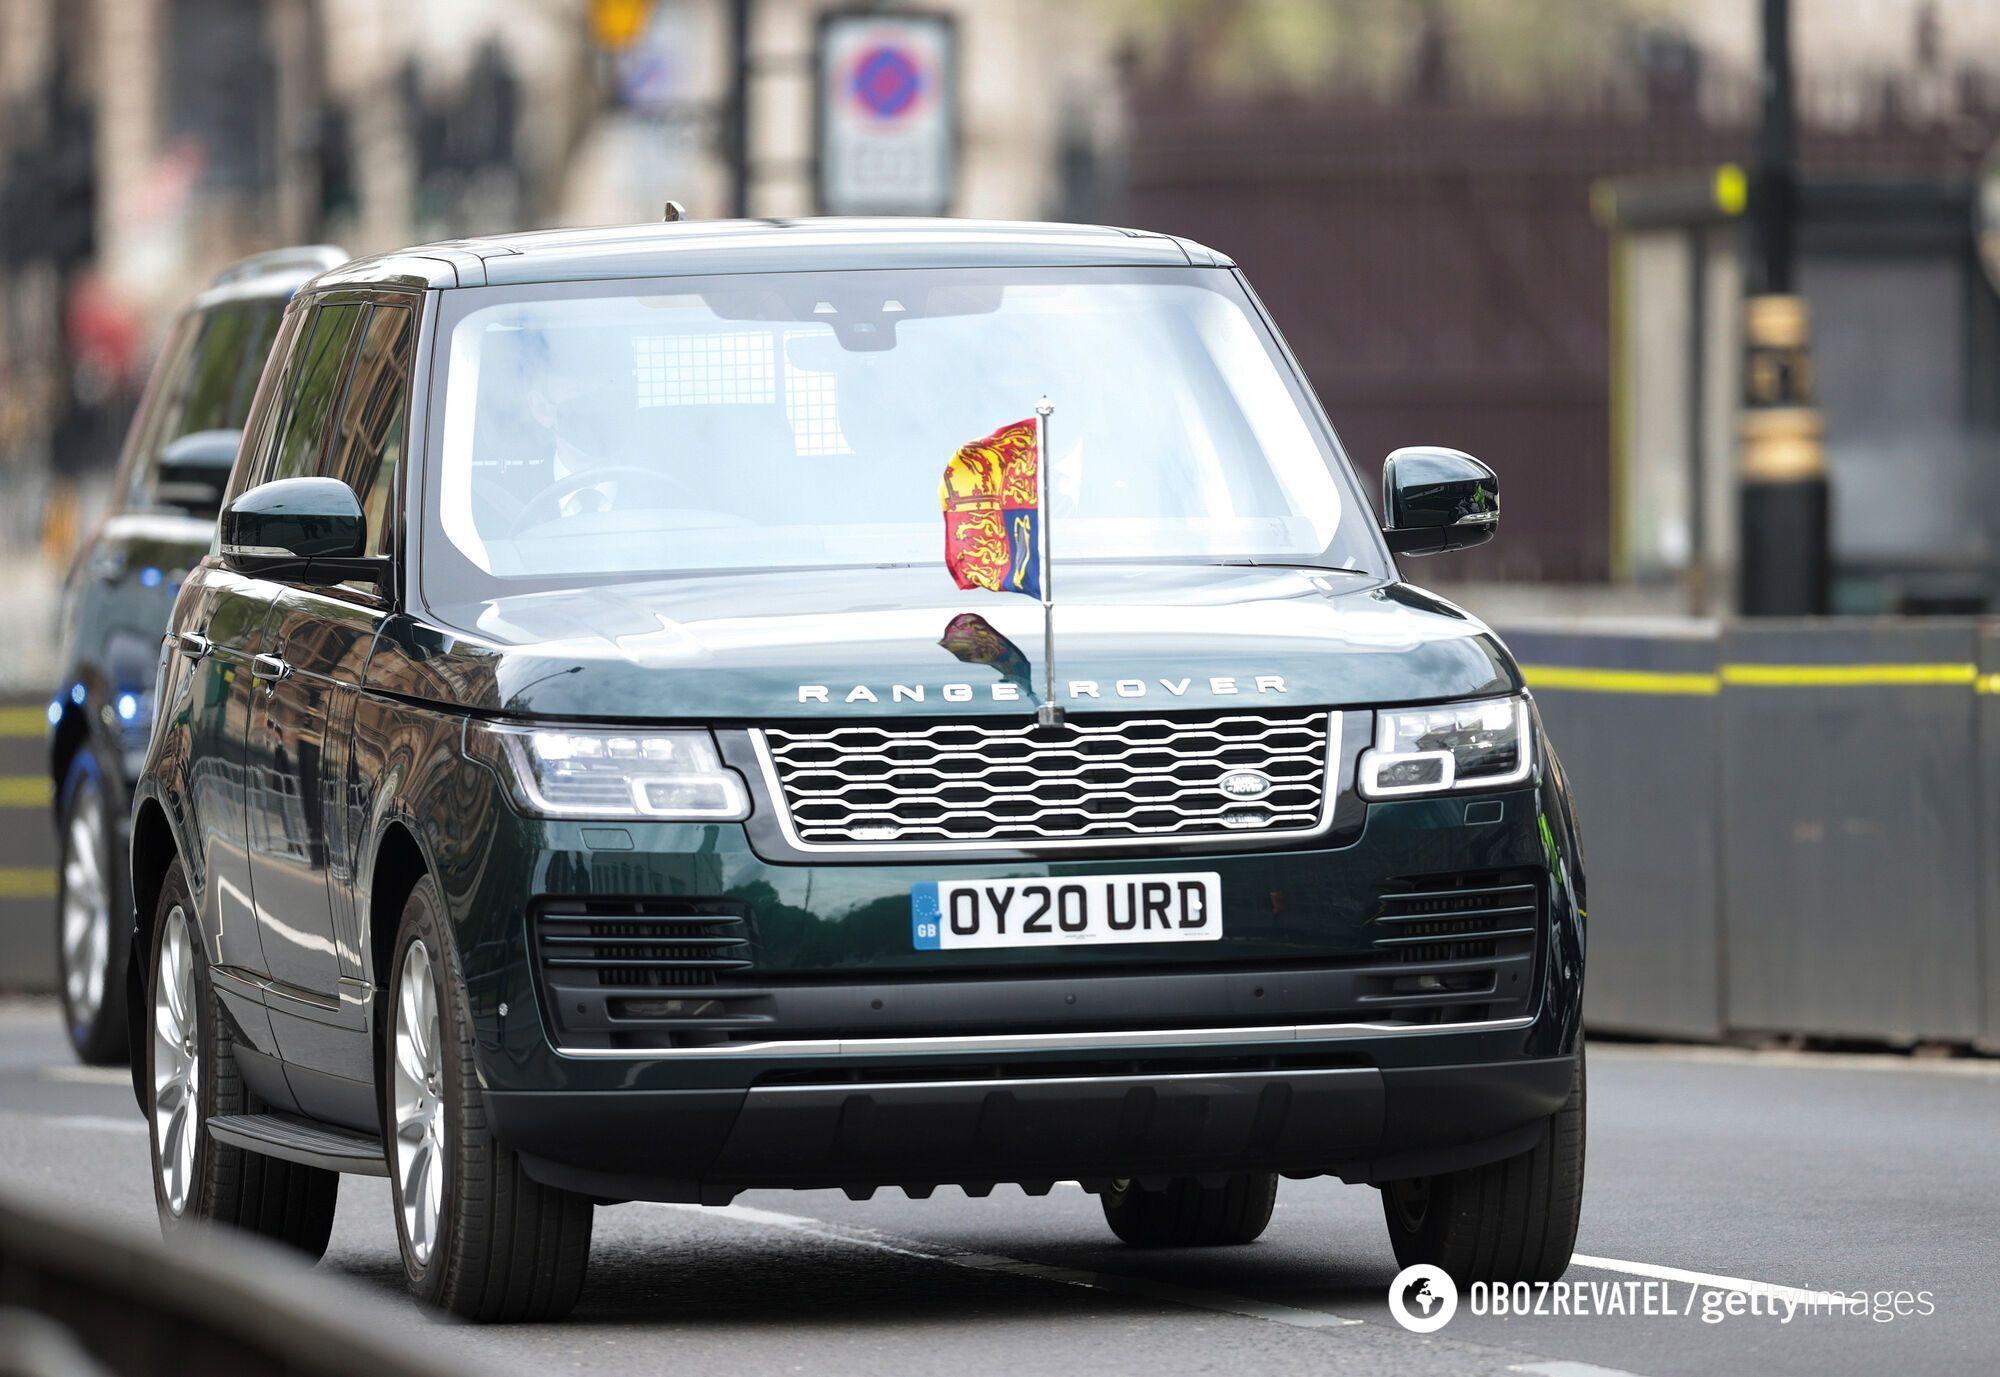 Королева прибыла на автомобиле вместо традиционного экипажа